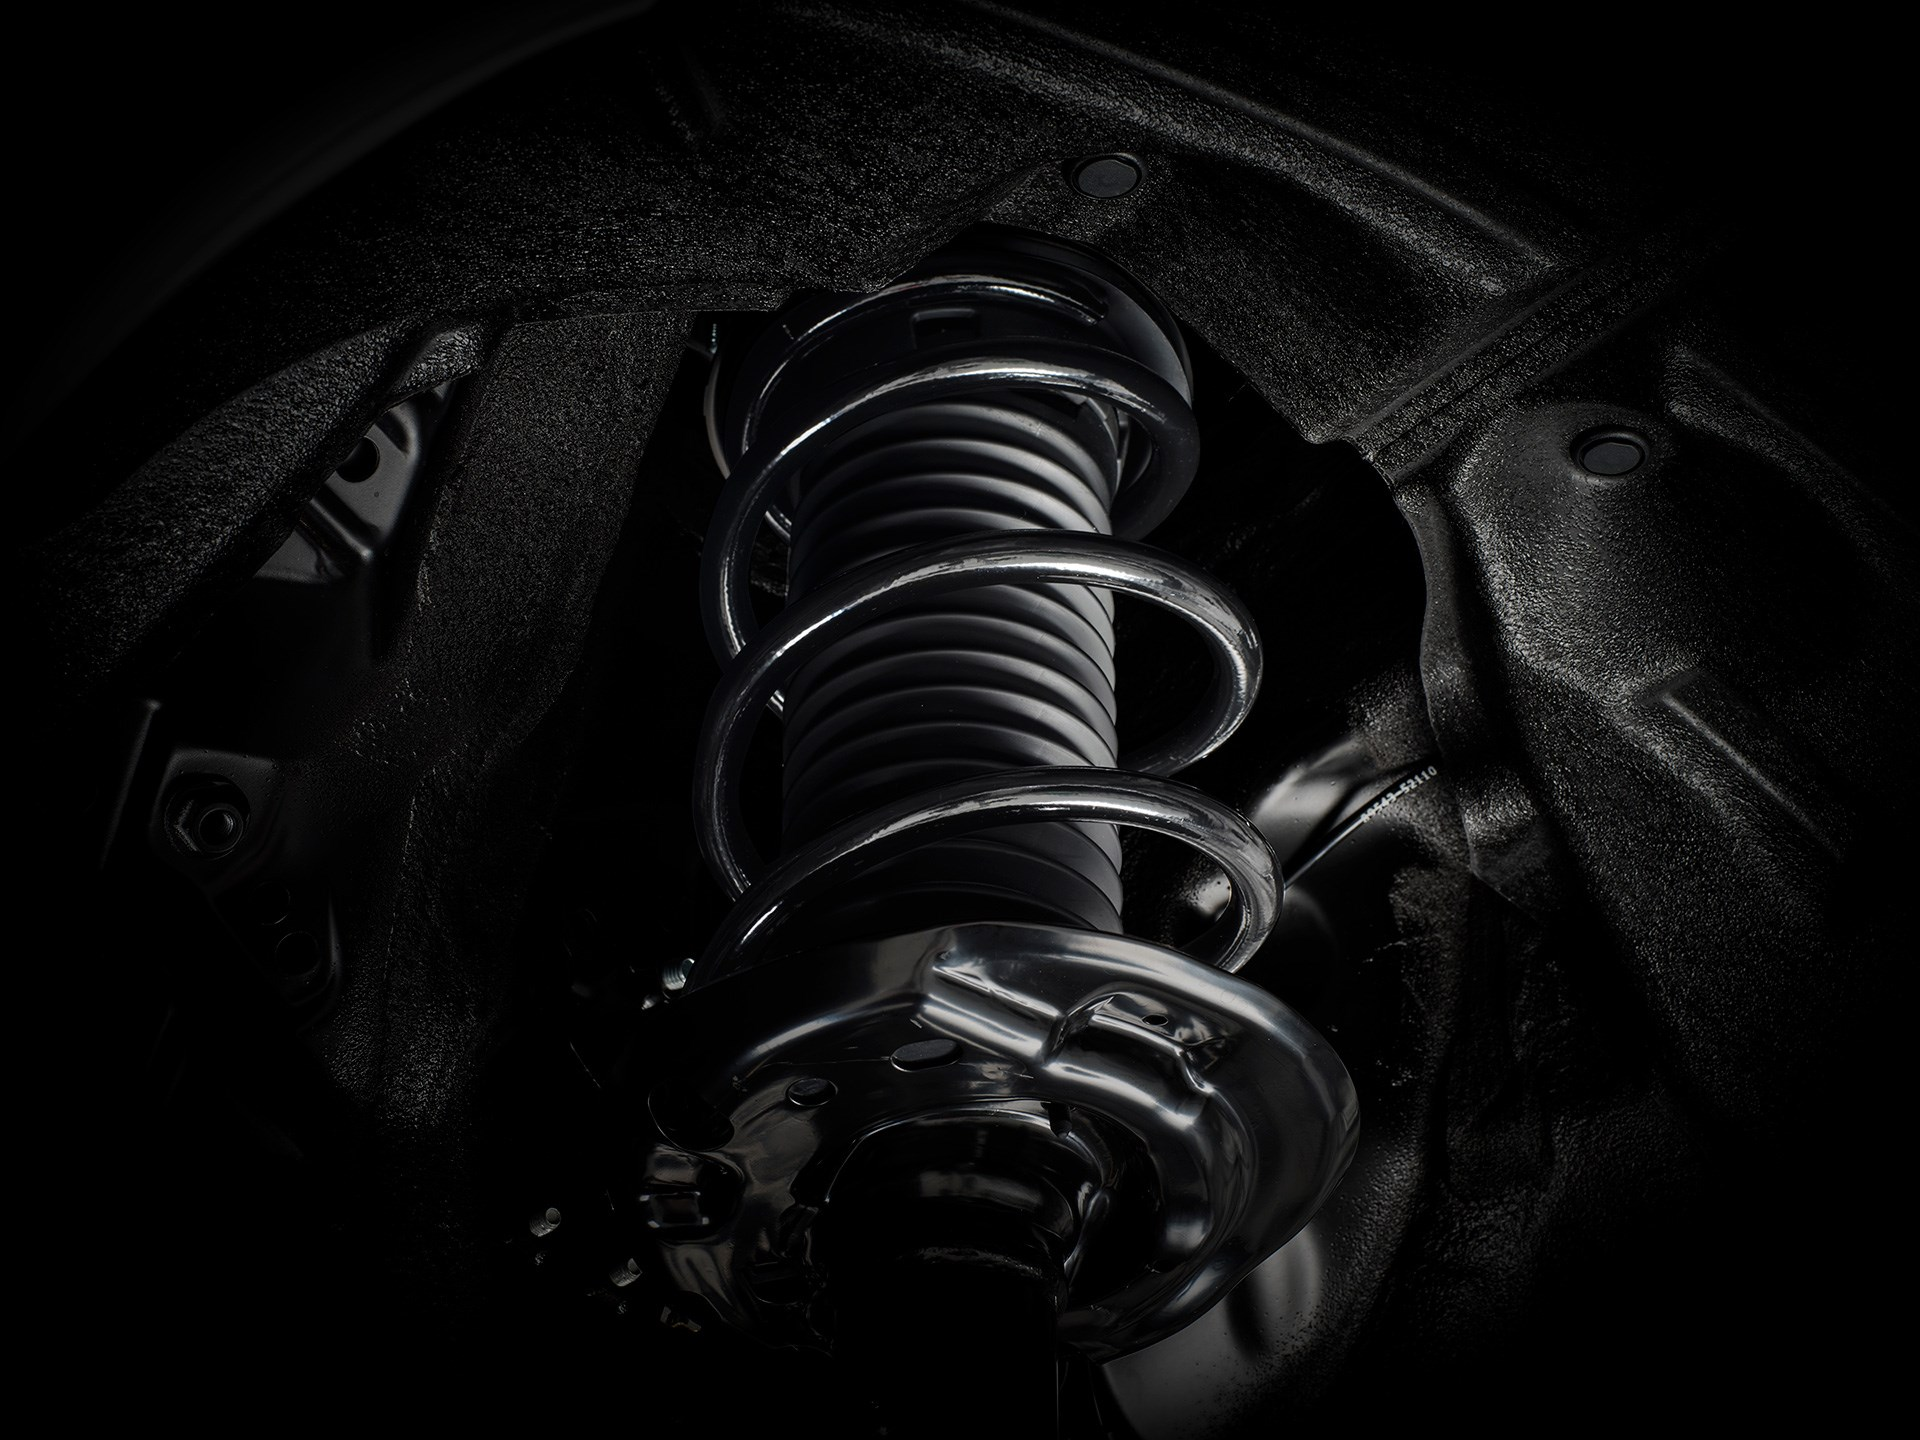 トヨタ、最高出力272pの1.6Lターボ・4WDのホットハッチ「ヤリスGR」を発表 - 東京オートサロン